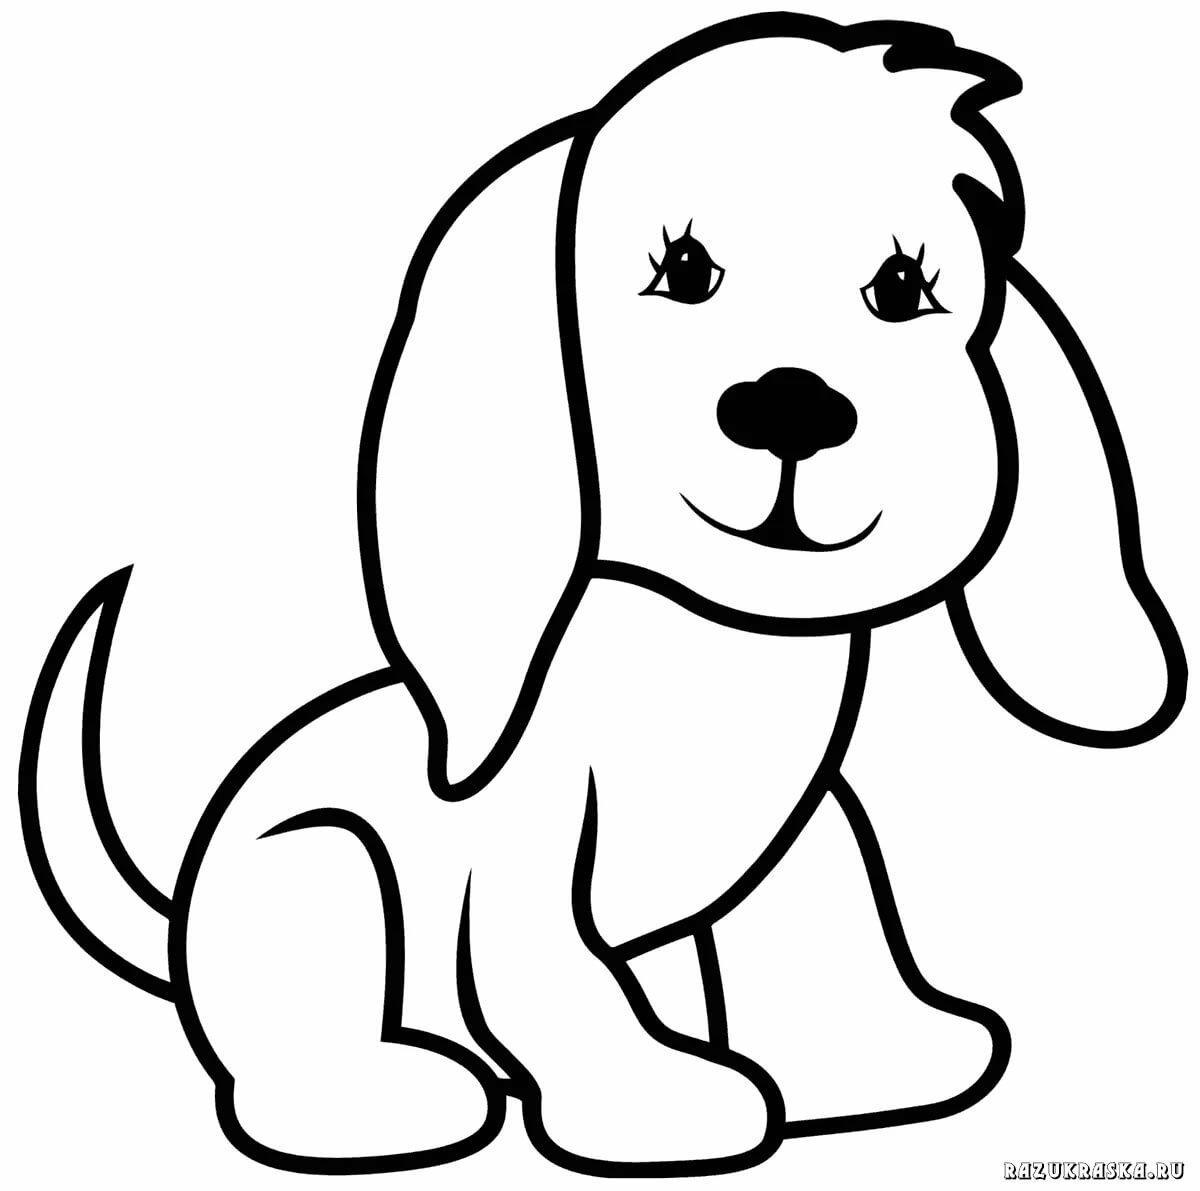 собак рисунок раскраска многих людей пост